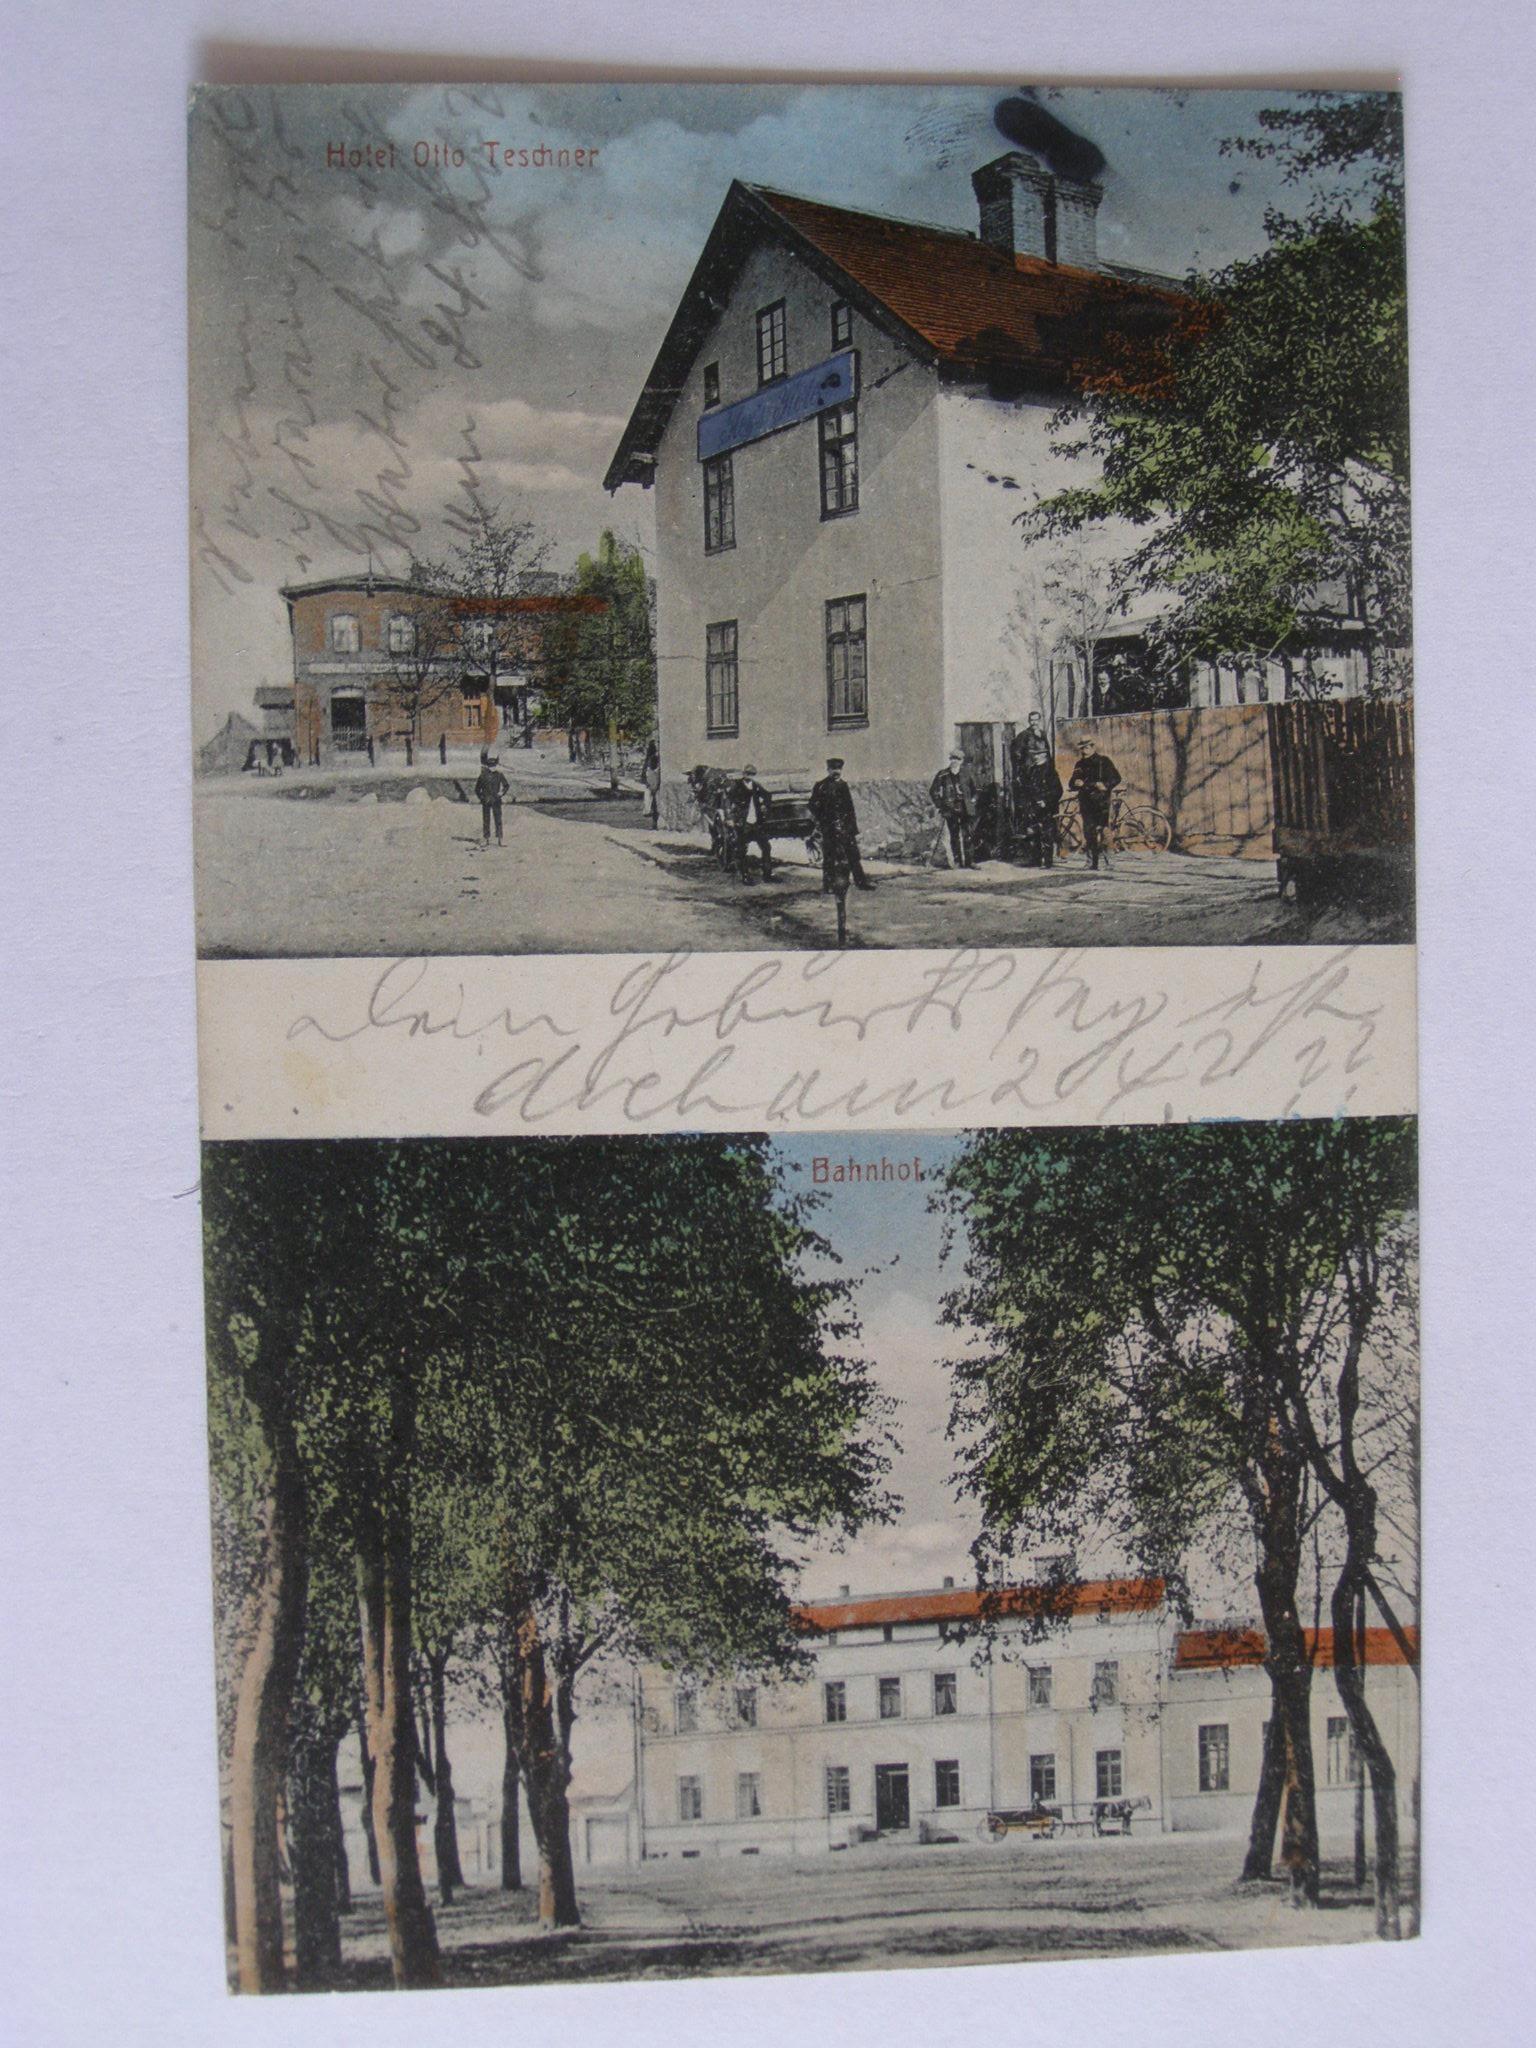 Warlubie Warlubien вокзал отель 1913 горит